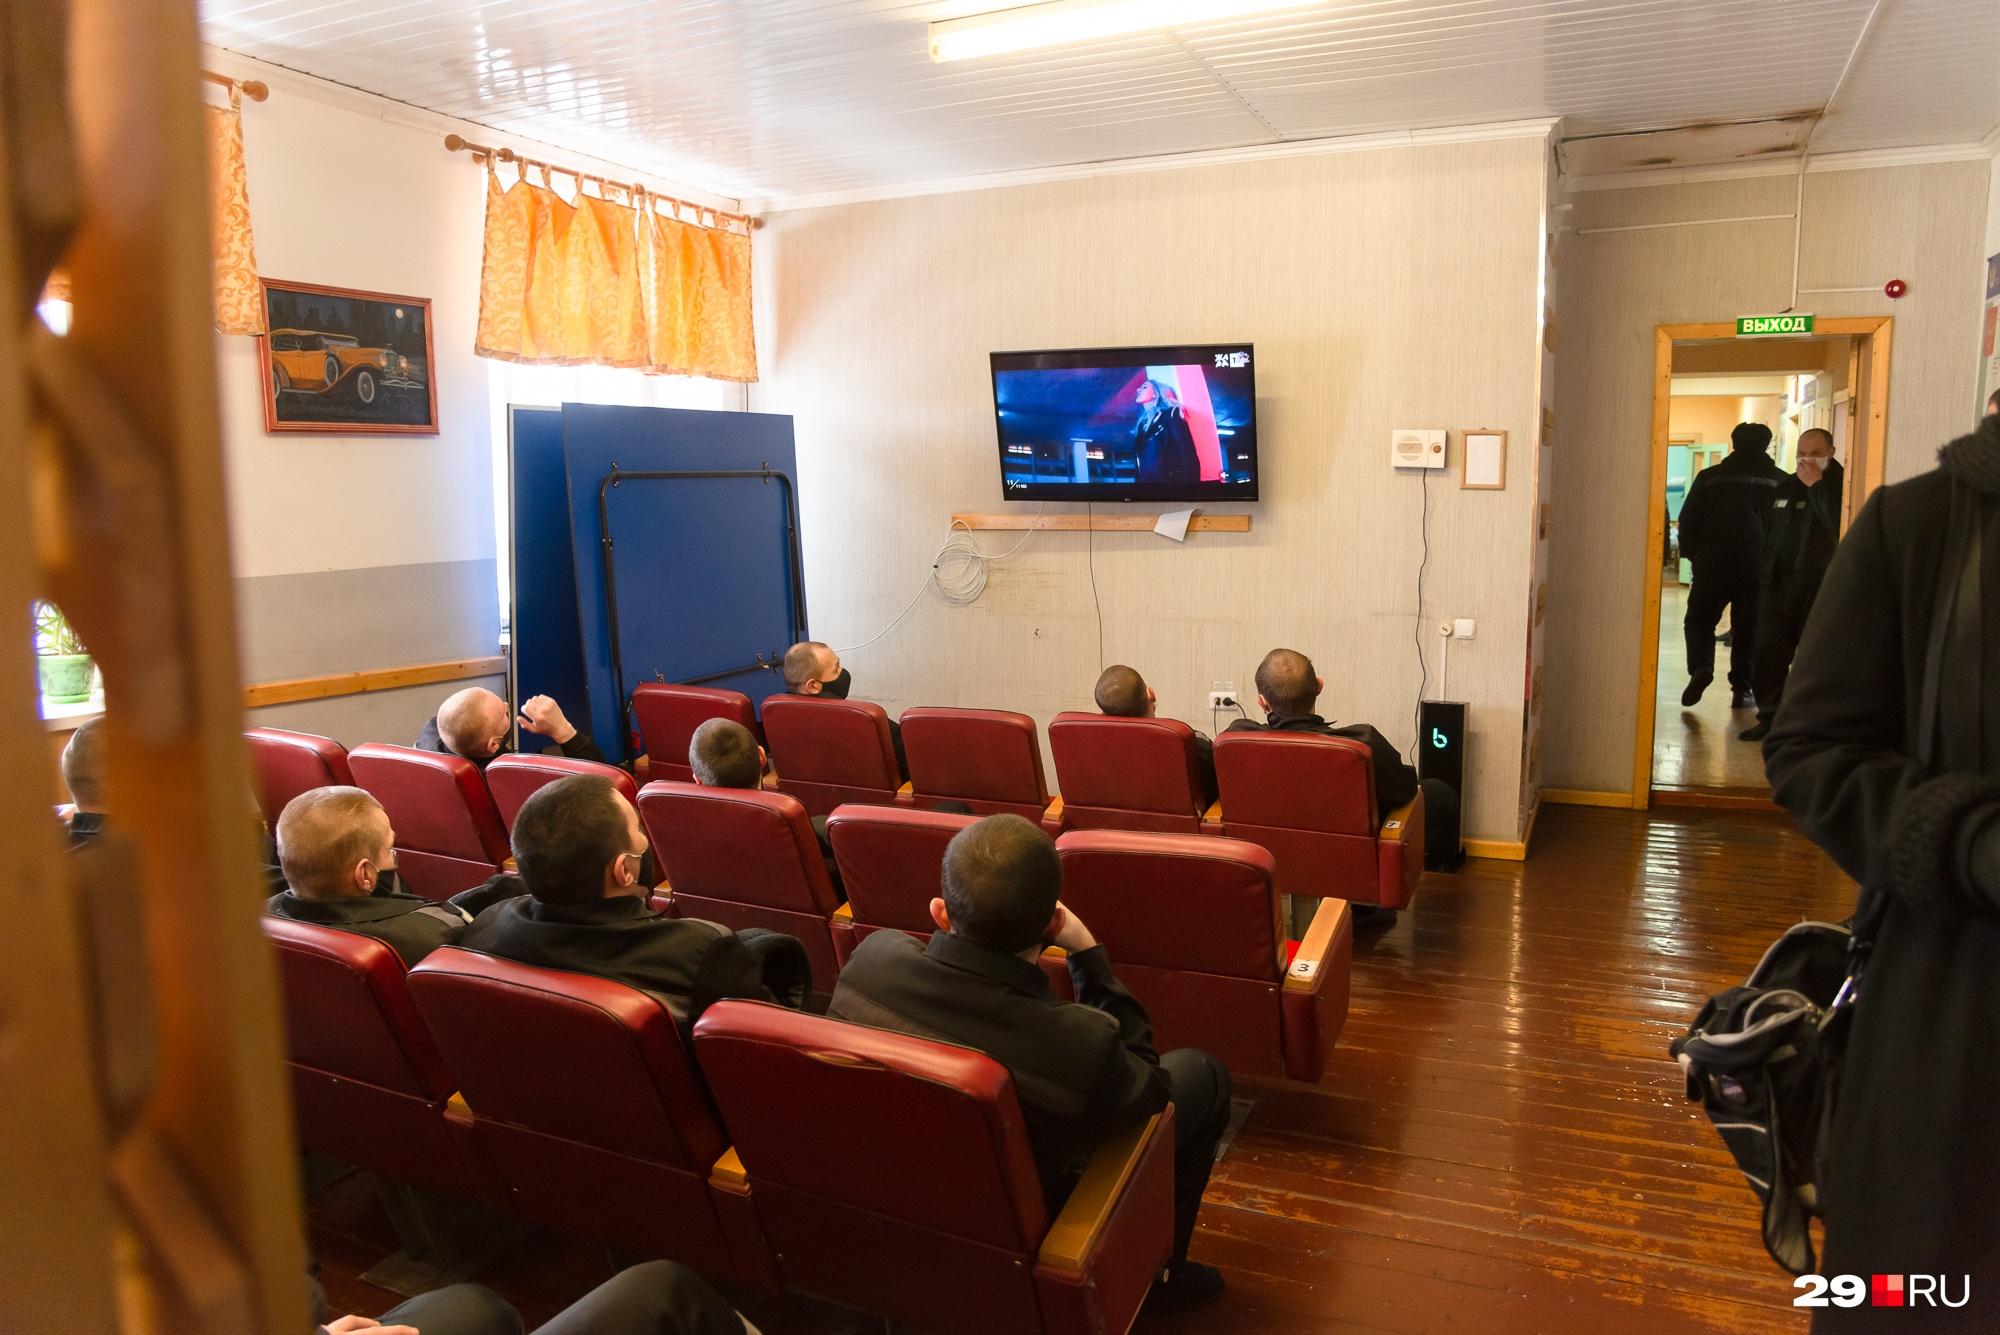 Доступа к Интернету у Ефимова нет. Только телевизор с сортировкой каналов: никакого насилия, в том числе в кино.